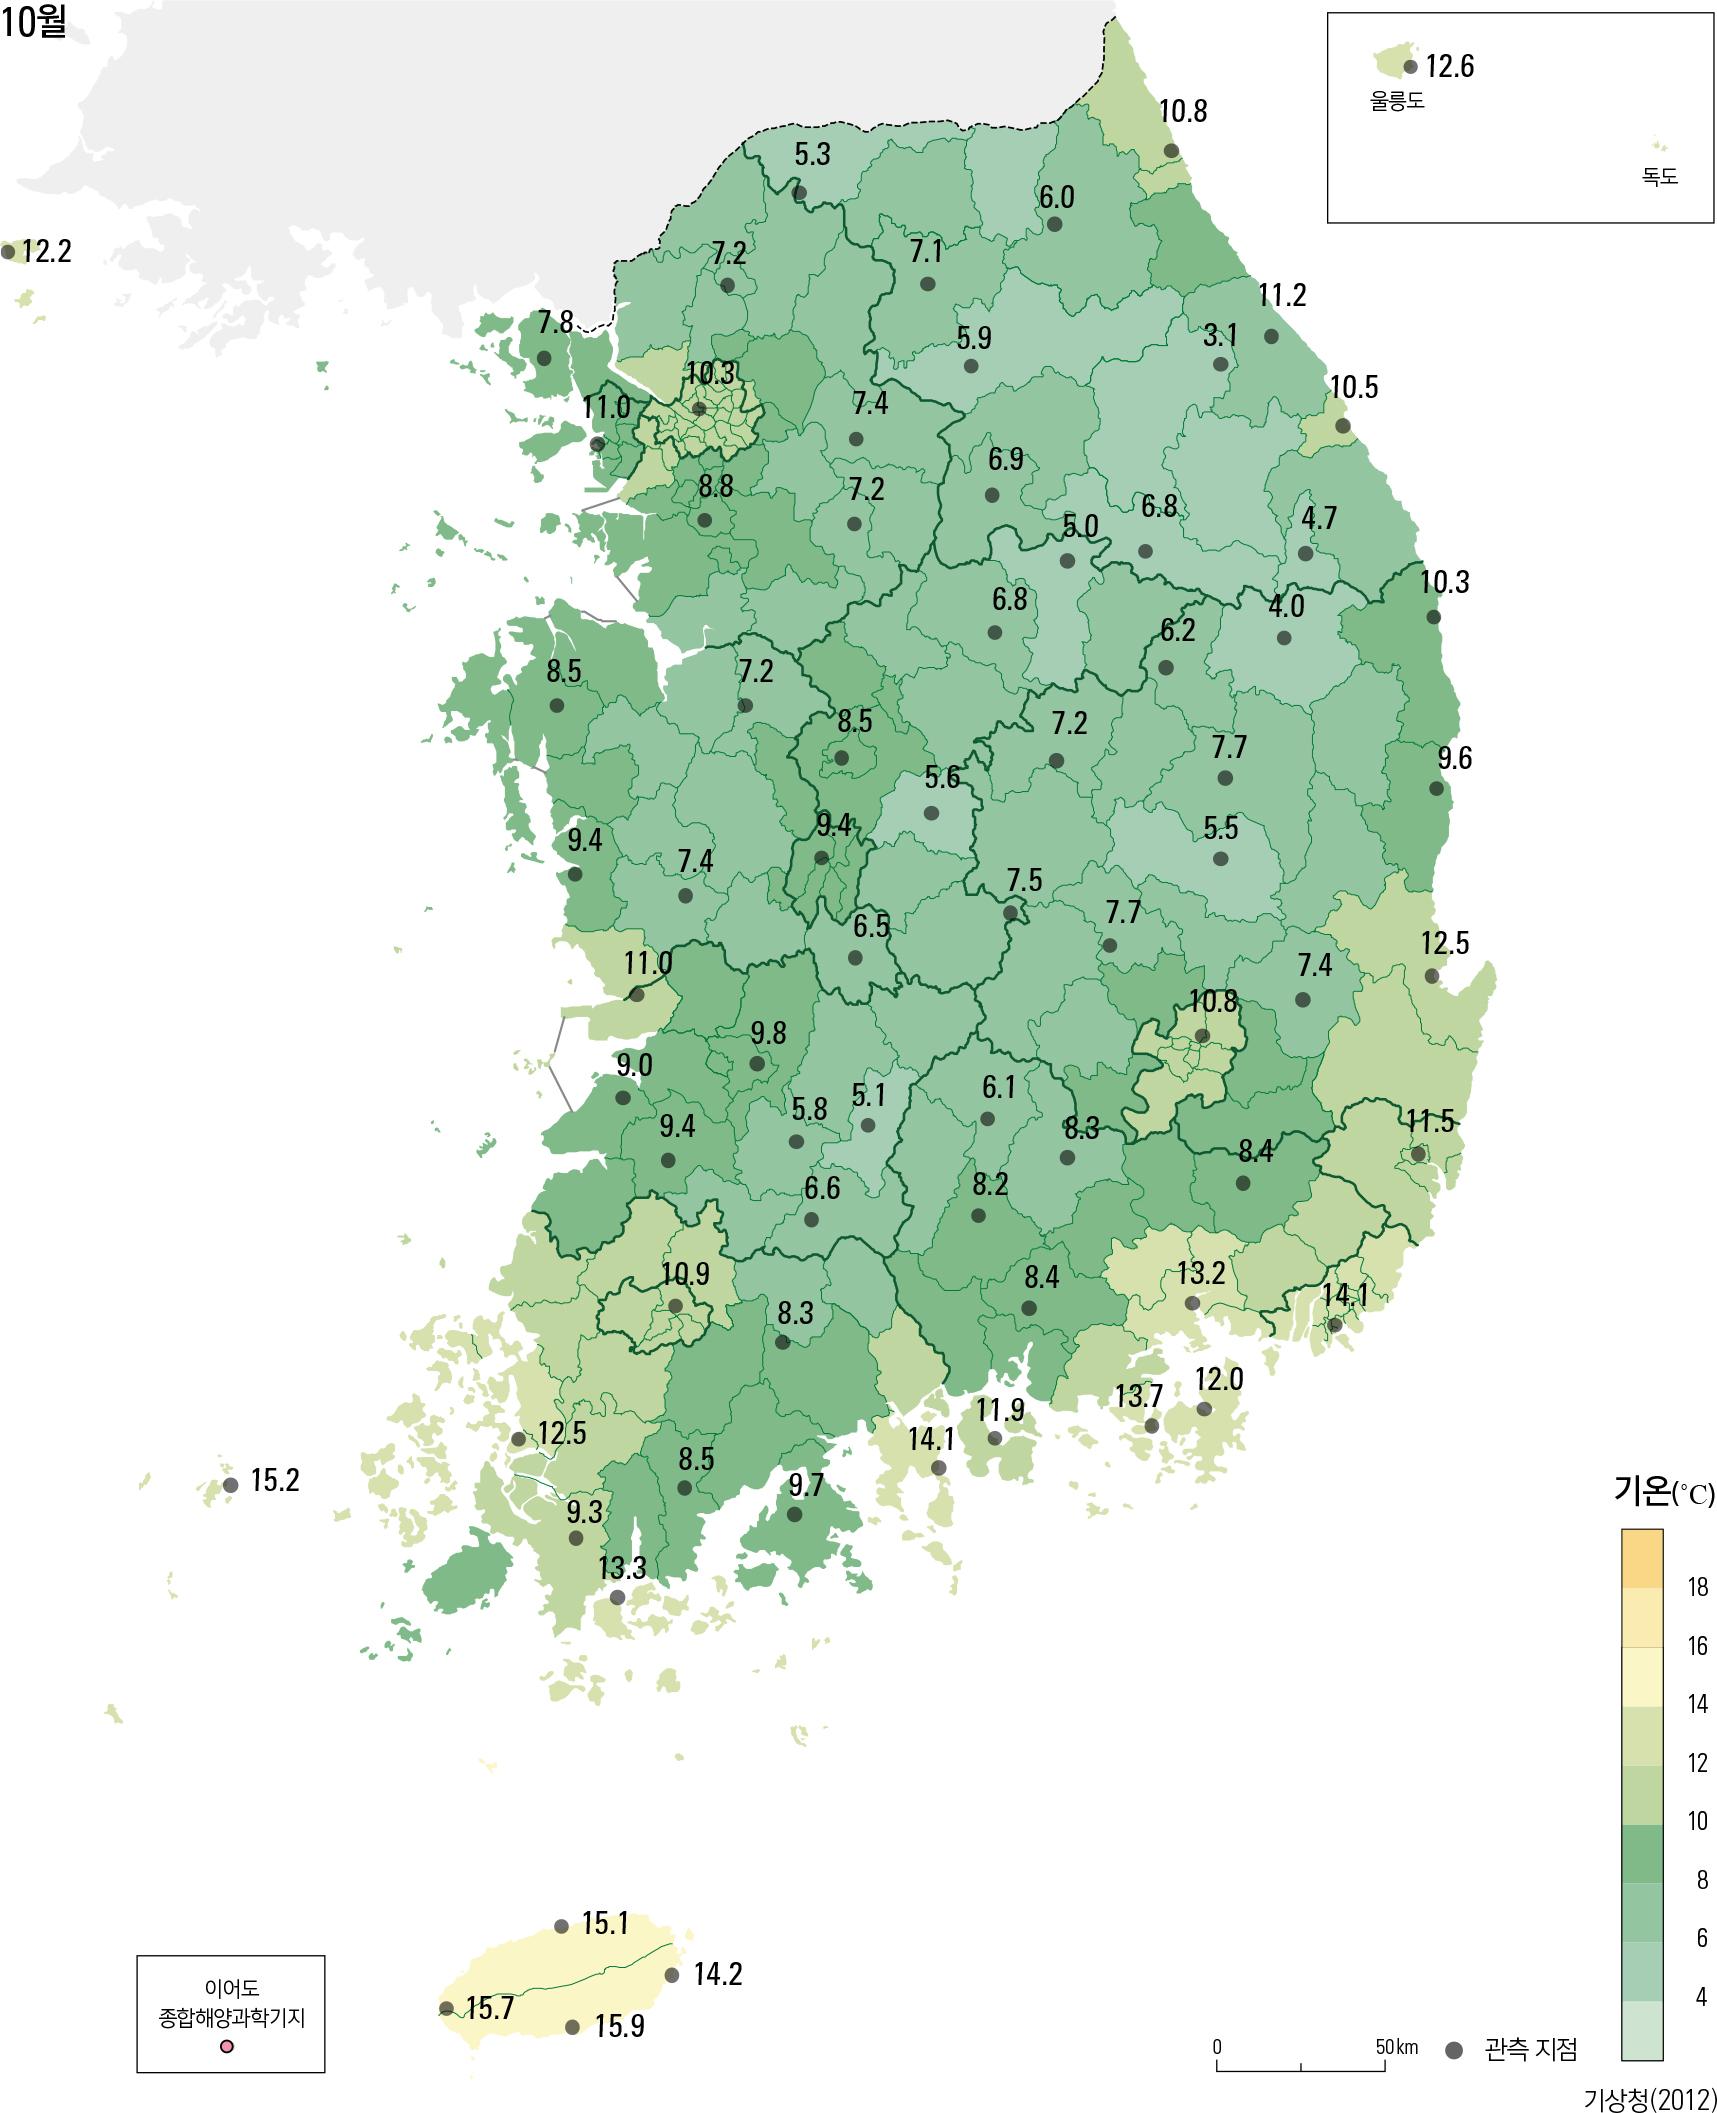 시・군별 월평균 최저 기온(1981 - 2010년)